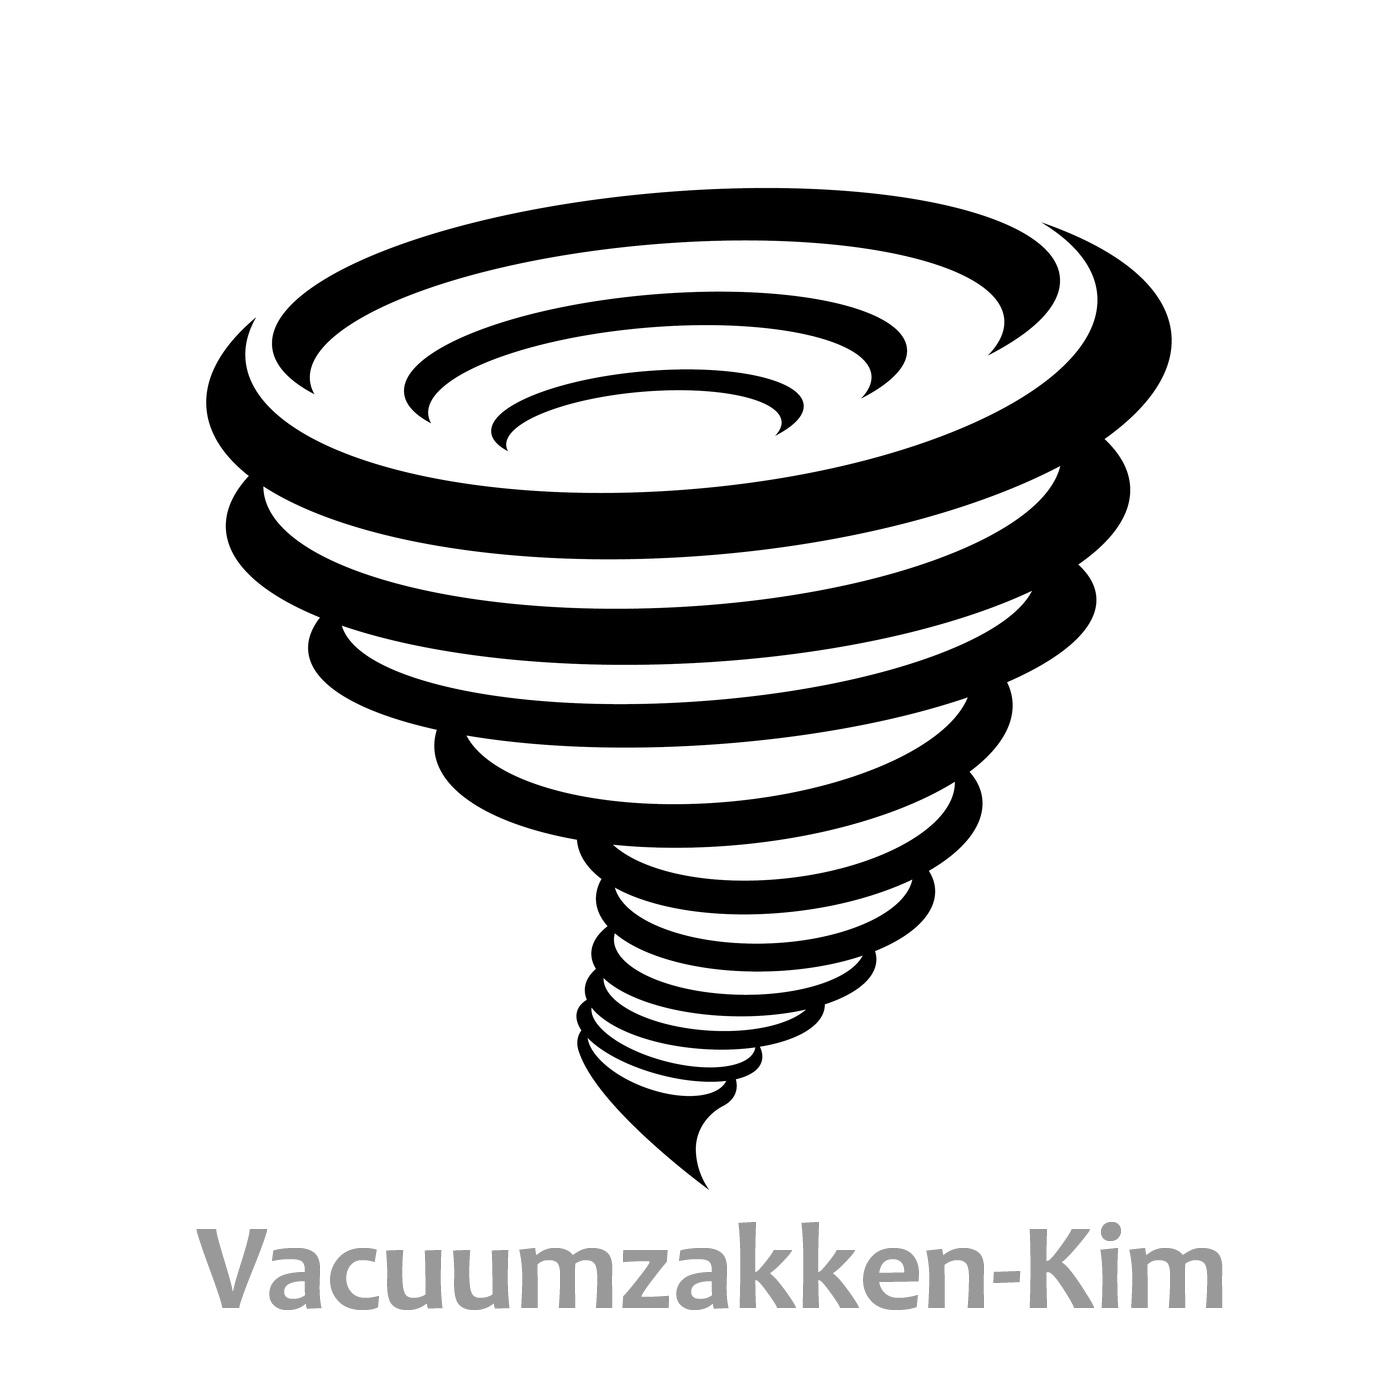 Vacuumzakken Kim